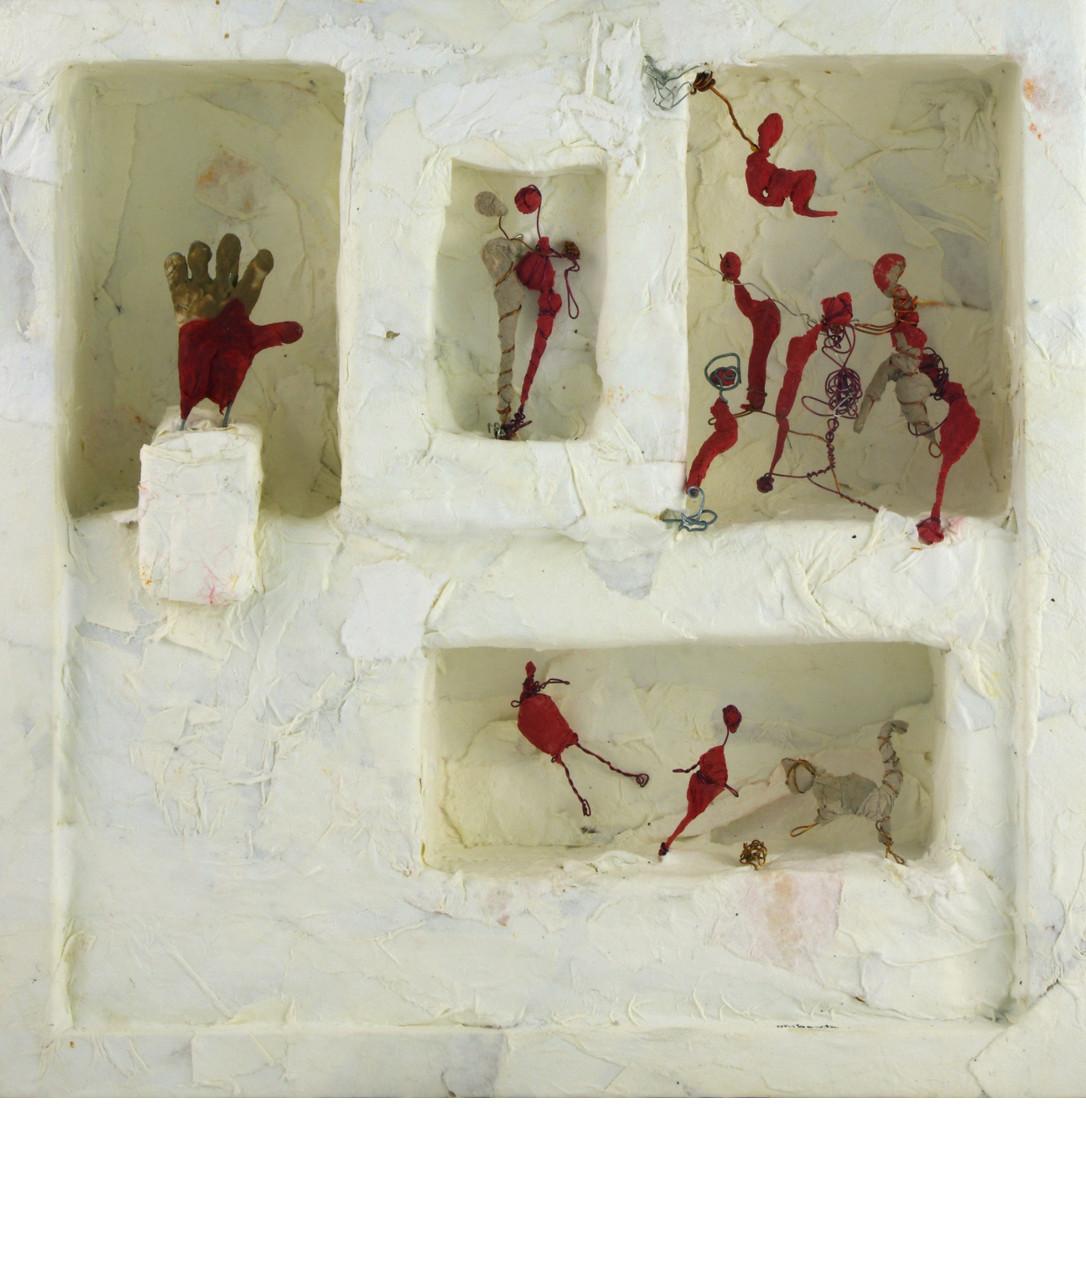 MAÎTRE, 2014 boîte papier mâché (27x27x5cm) - Inv. 00026 (+) DÉTAILS